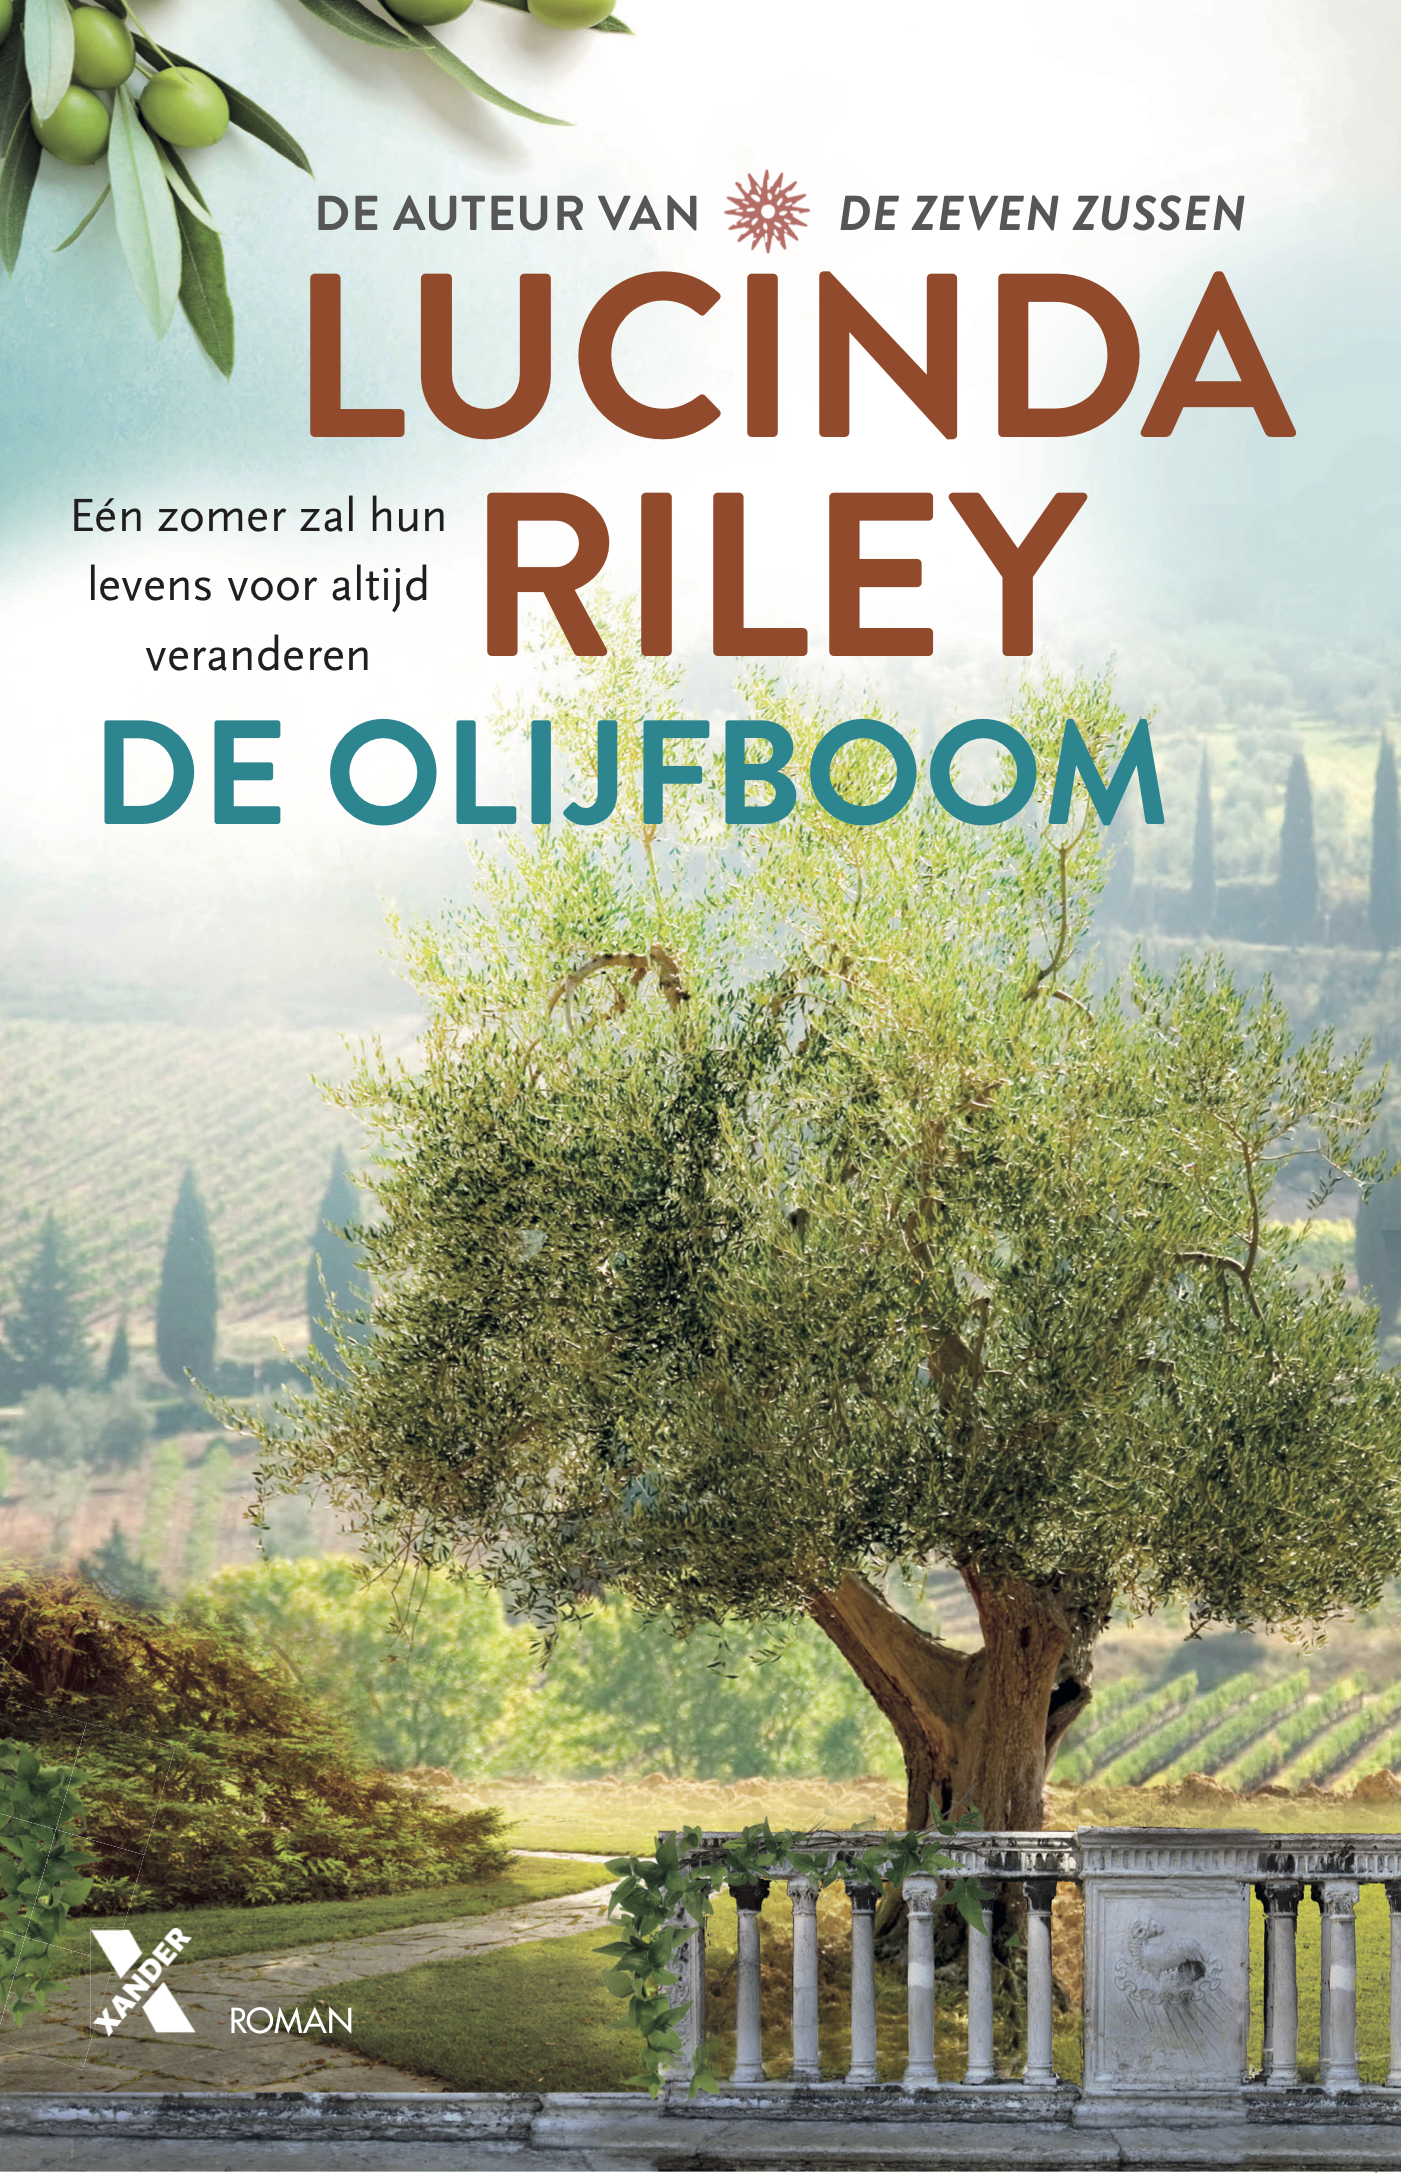 De olijfboom - boekenflits.nl